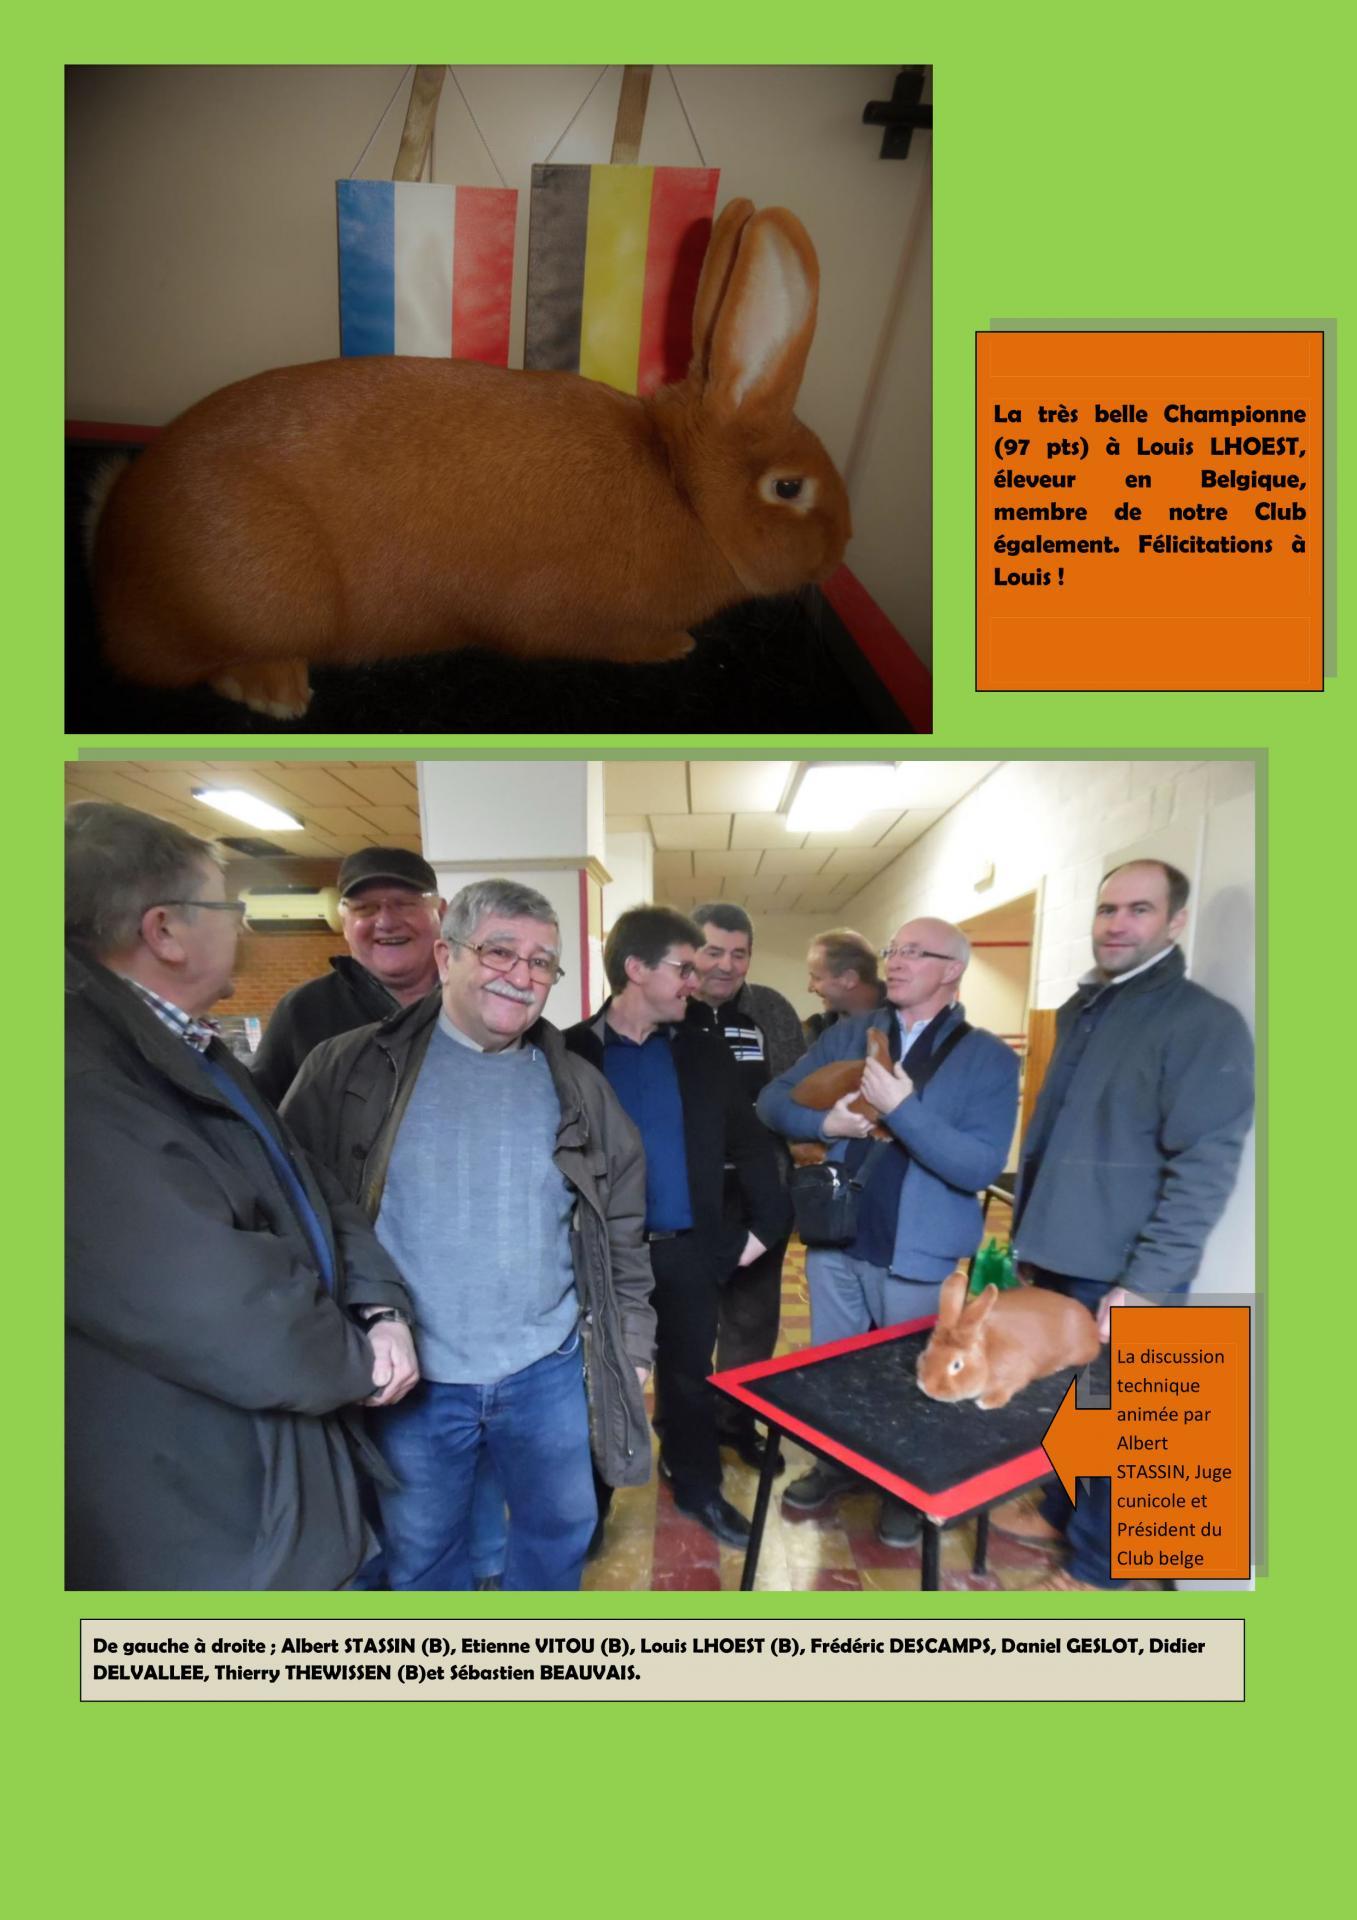 La rencontre franco belge en images 2